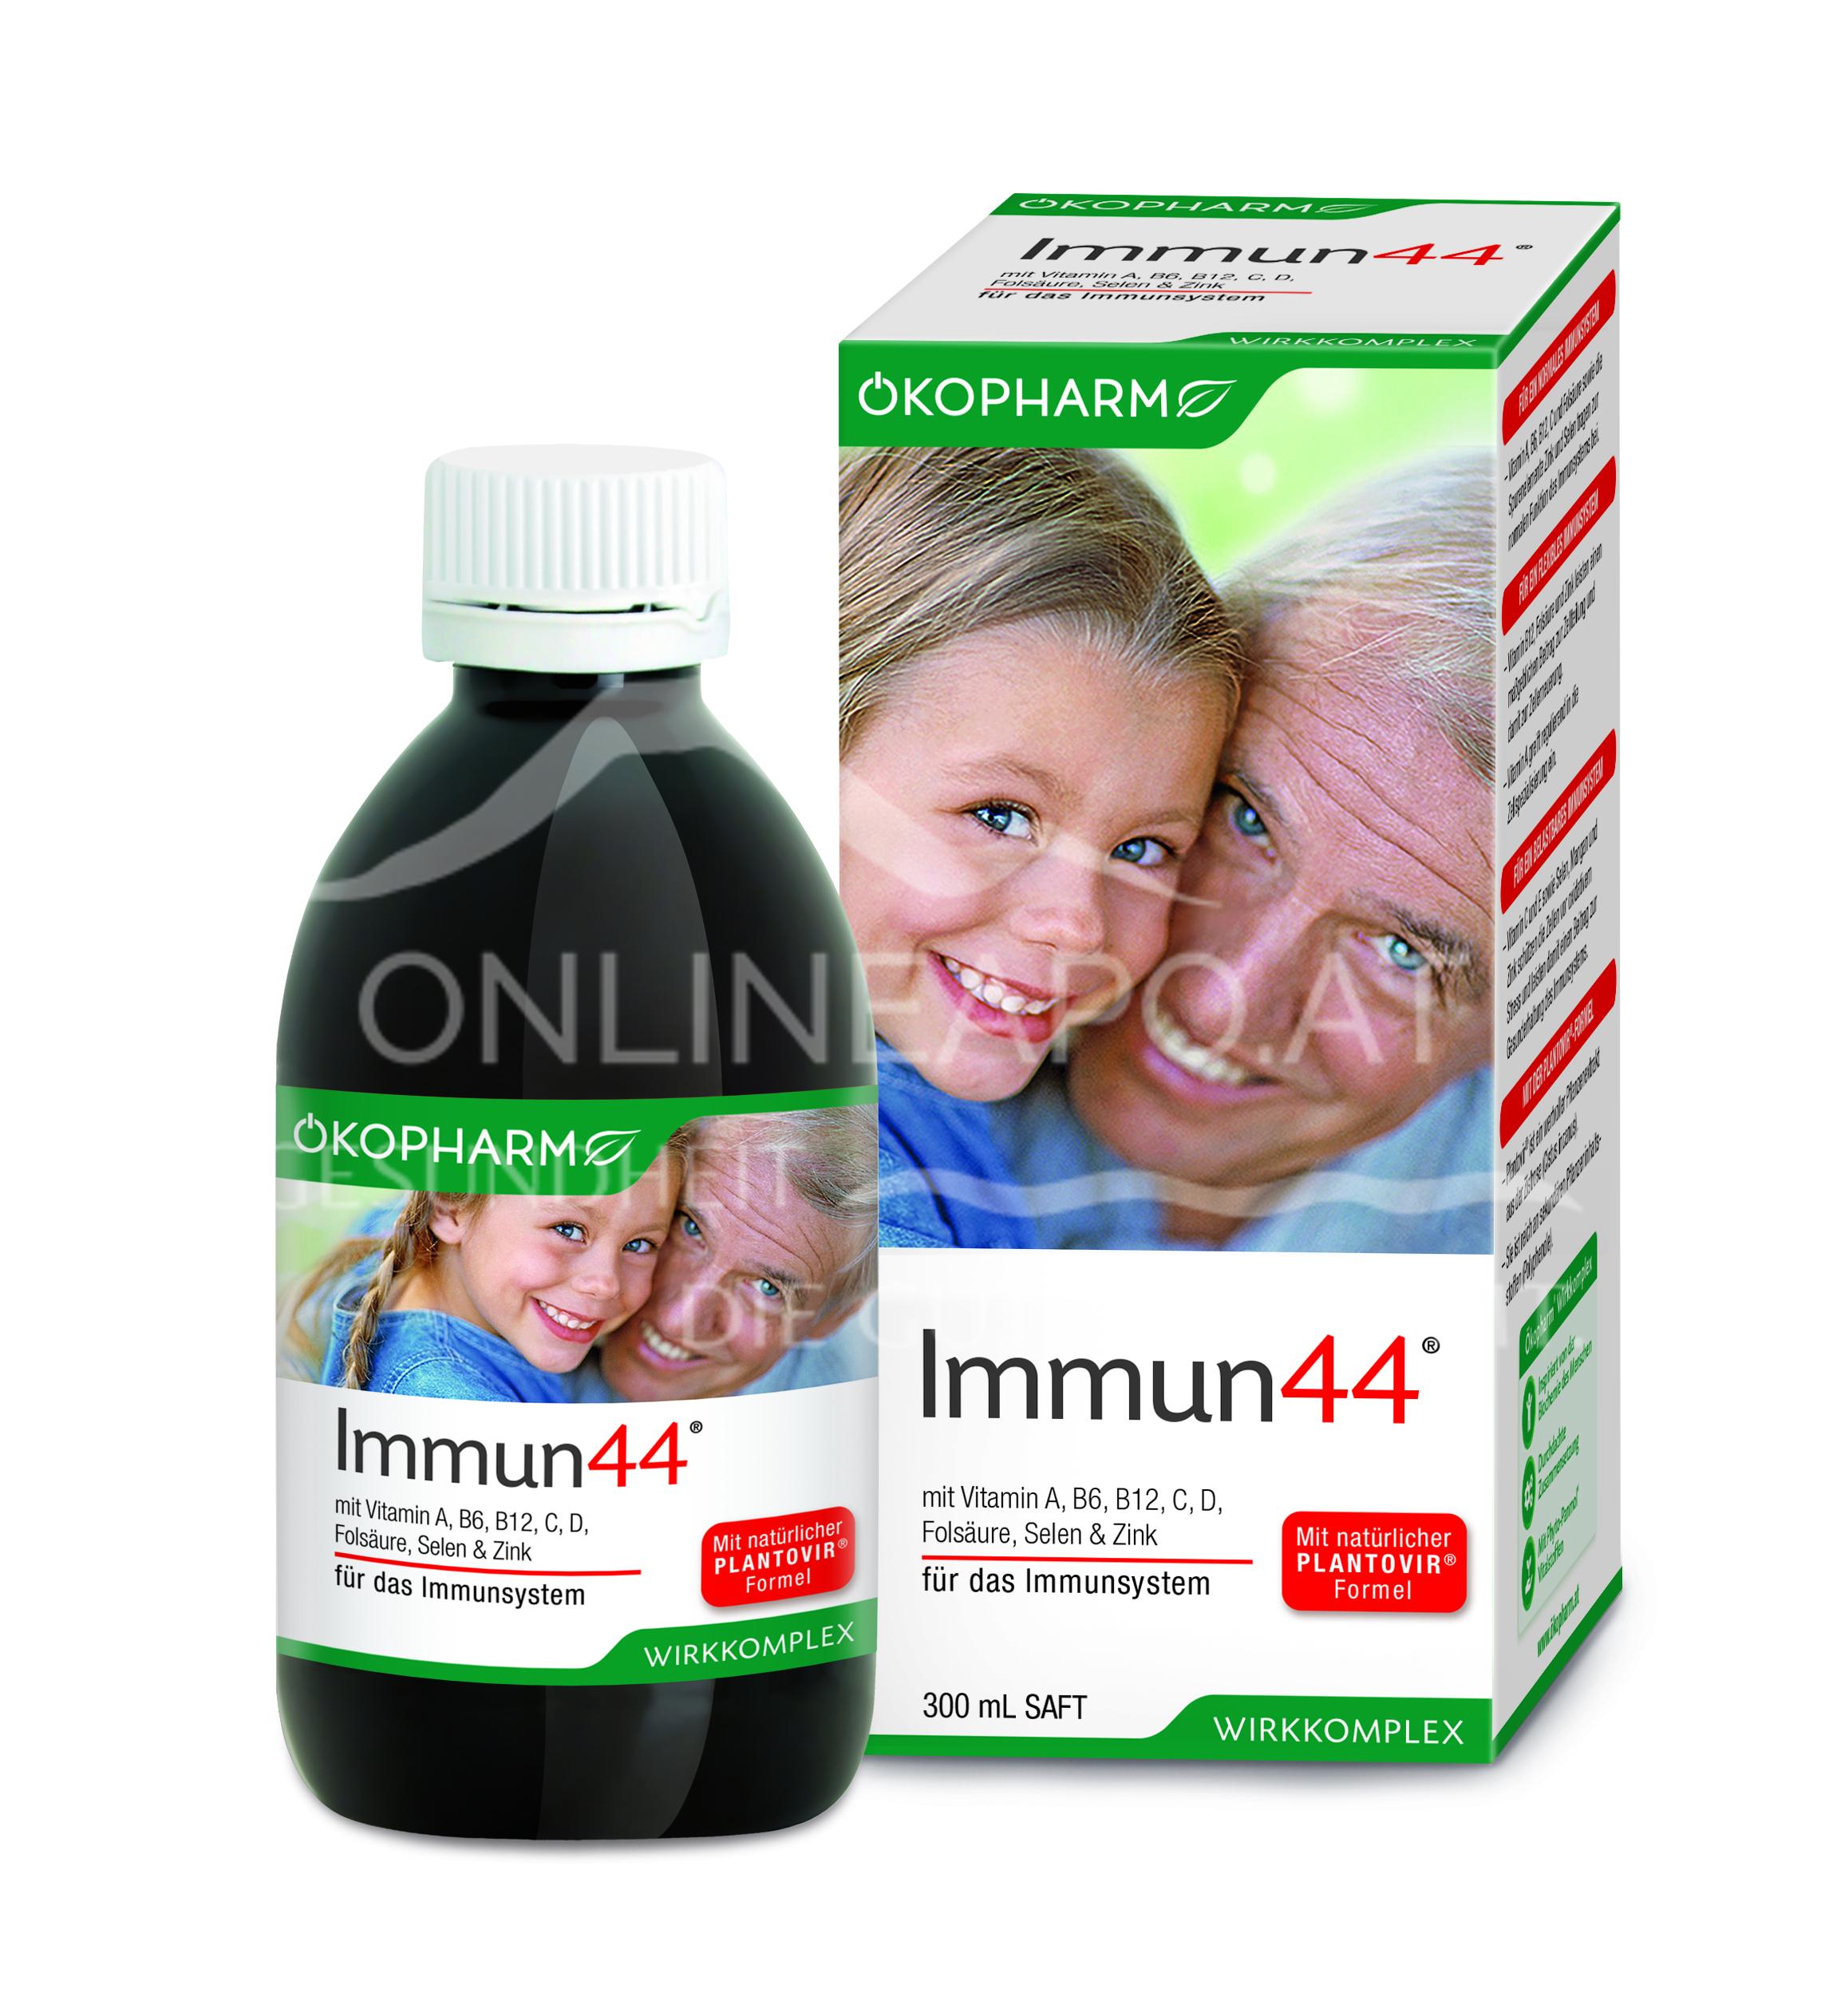 Ökopharm Immun44® Saft